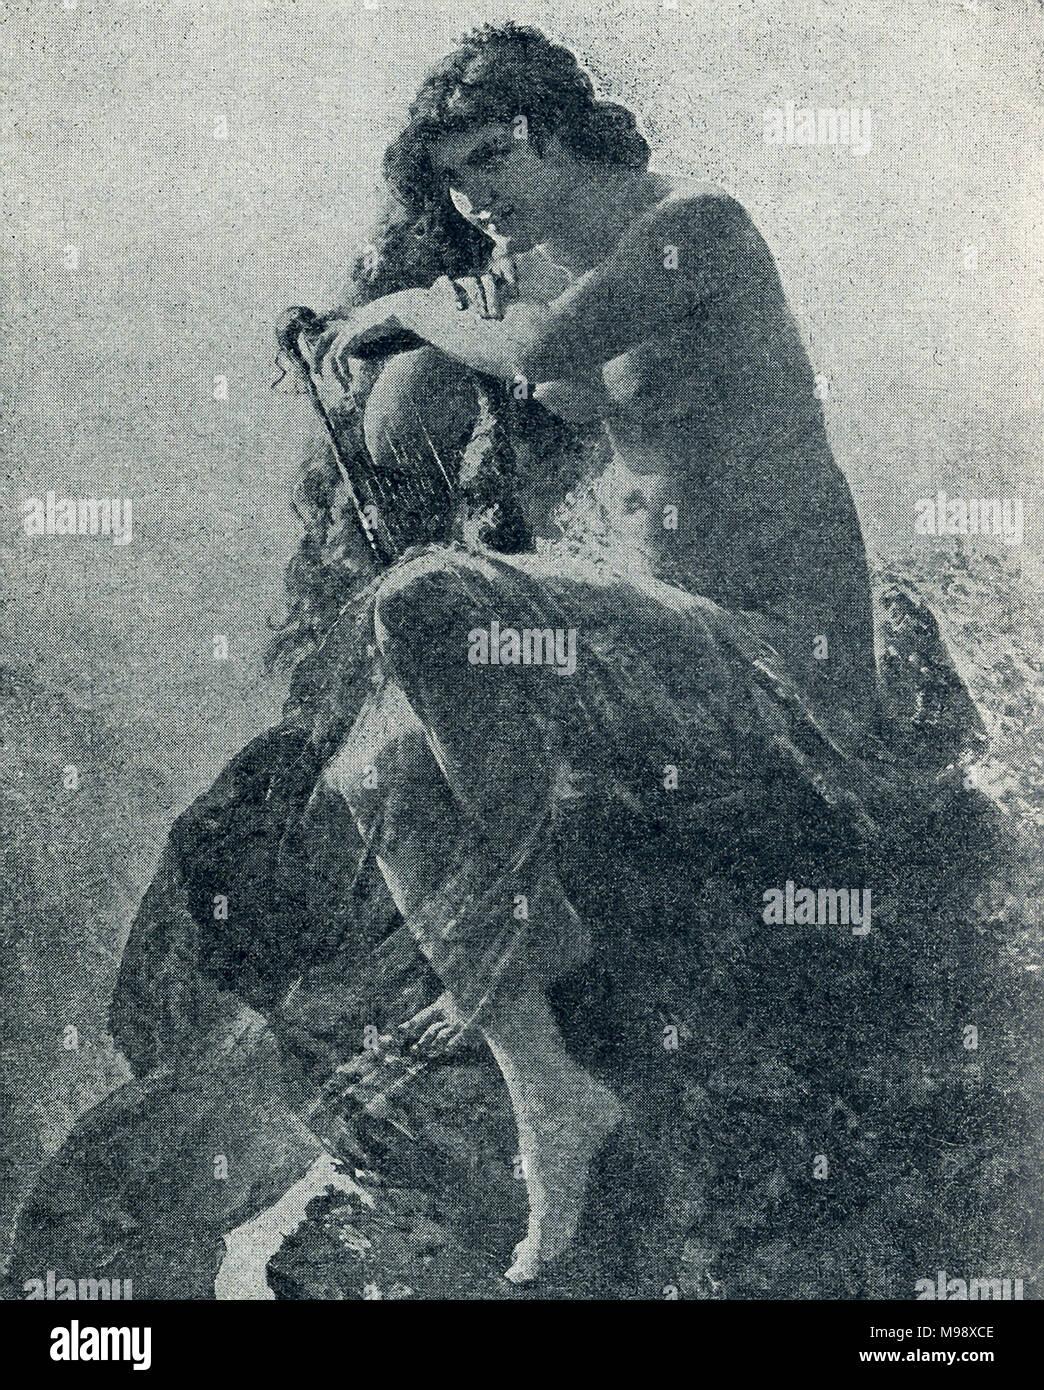 Diese Abbildung stammt zu rund um 1989. Es zeigt die legendäre Loreley. Die Klippe in Deutschland ist 433 Meter hoch und bietet einen Blick auf gefährlich verengt sich der Rhein, etwa auf halbem Weg zwischen Koblenz und Bingen. Heines Gedicht sterben Lorelei erzählt die Legende von einer Fee, die hier lebten und lockte saiors zu ihren Tod durch ihr Gesang. Eine andere Legende stellt die Nibelungen' Horten hier. Stockbild